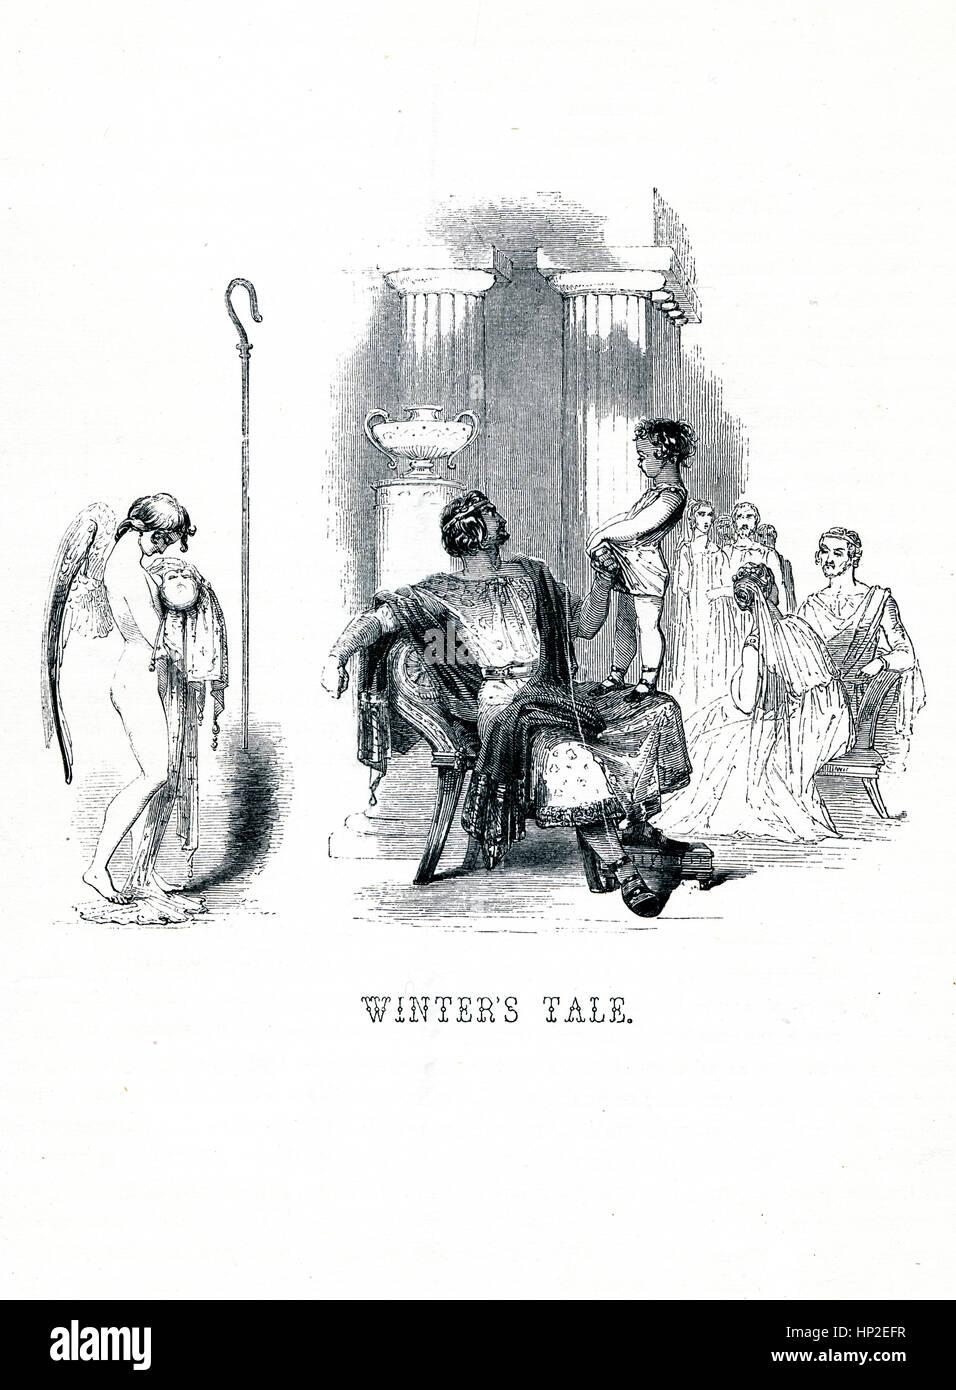 Le Winters Tale, Victorian book pour le frontispice pièce de William Shakespeare dans le livre illustré Photo Stock